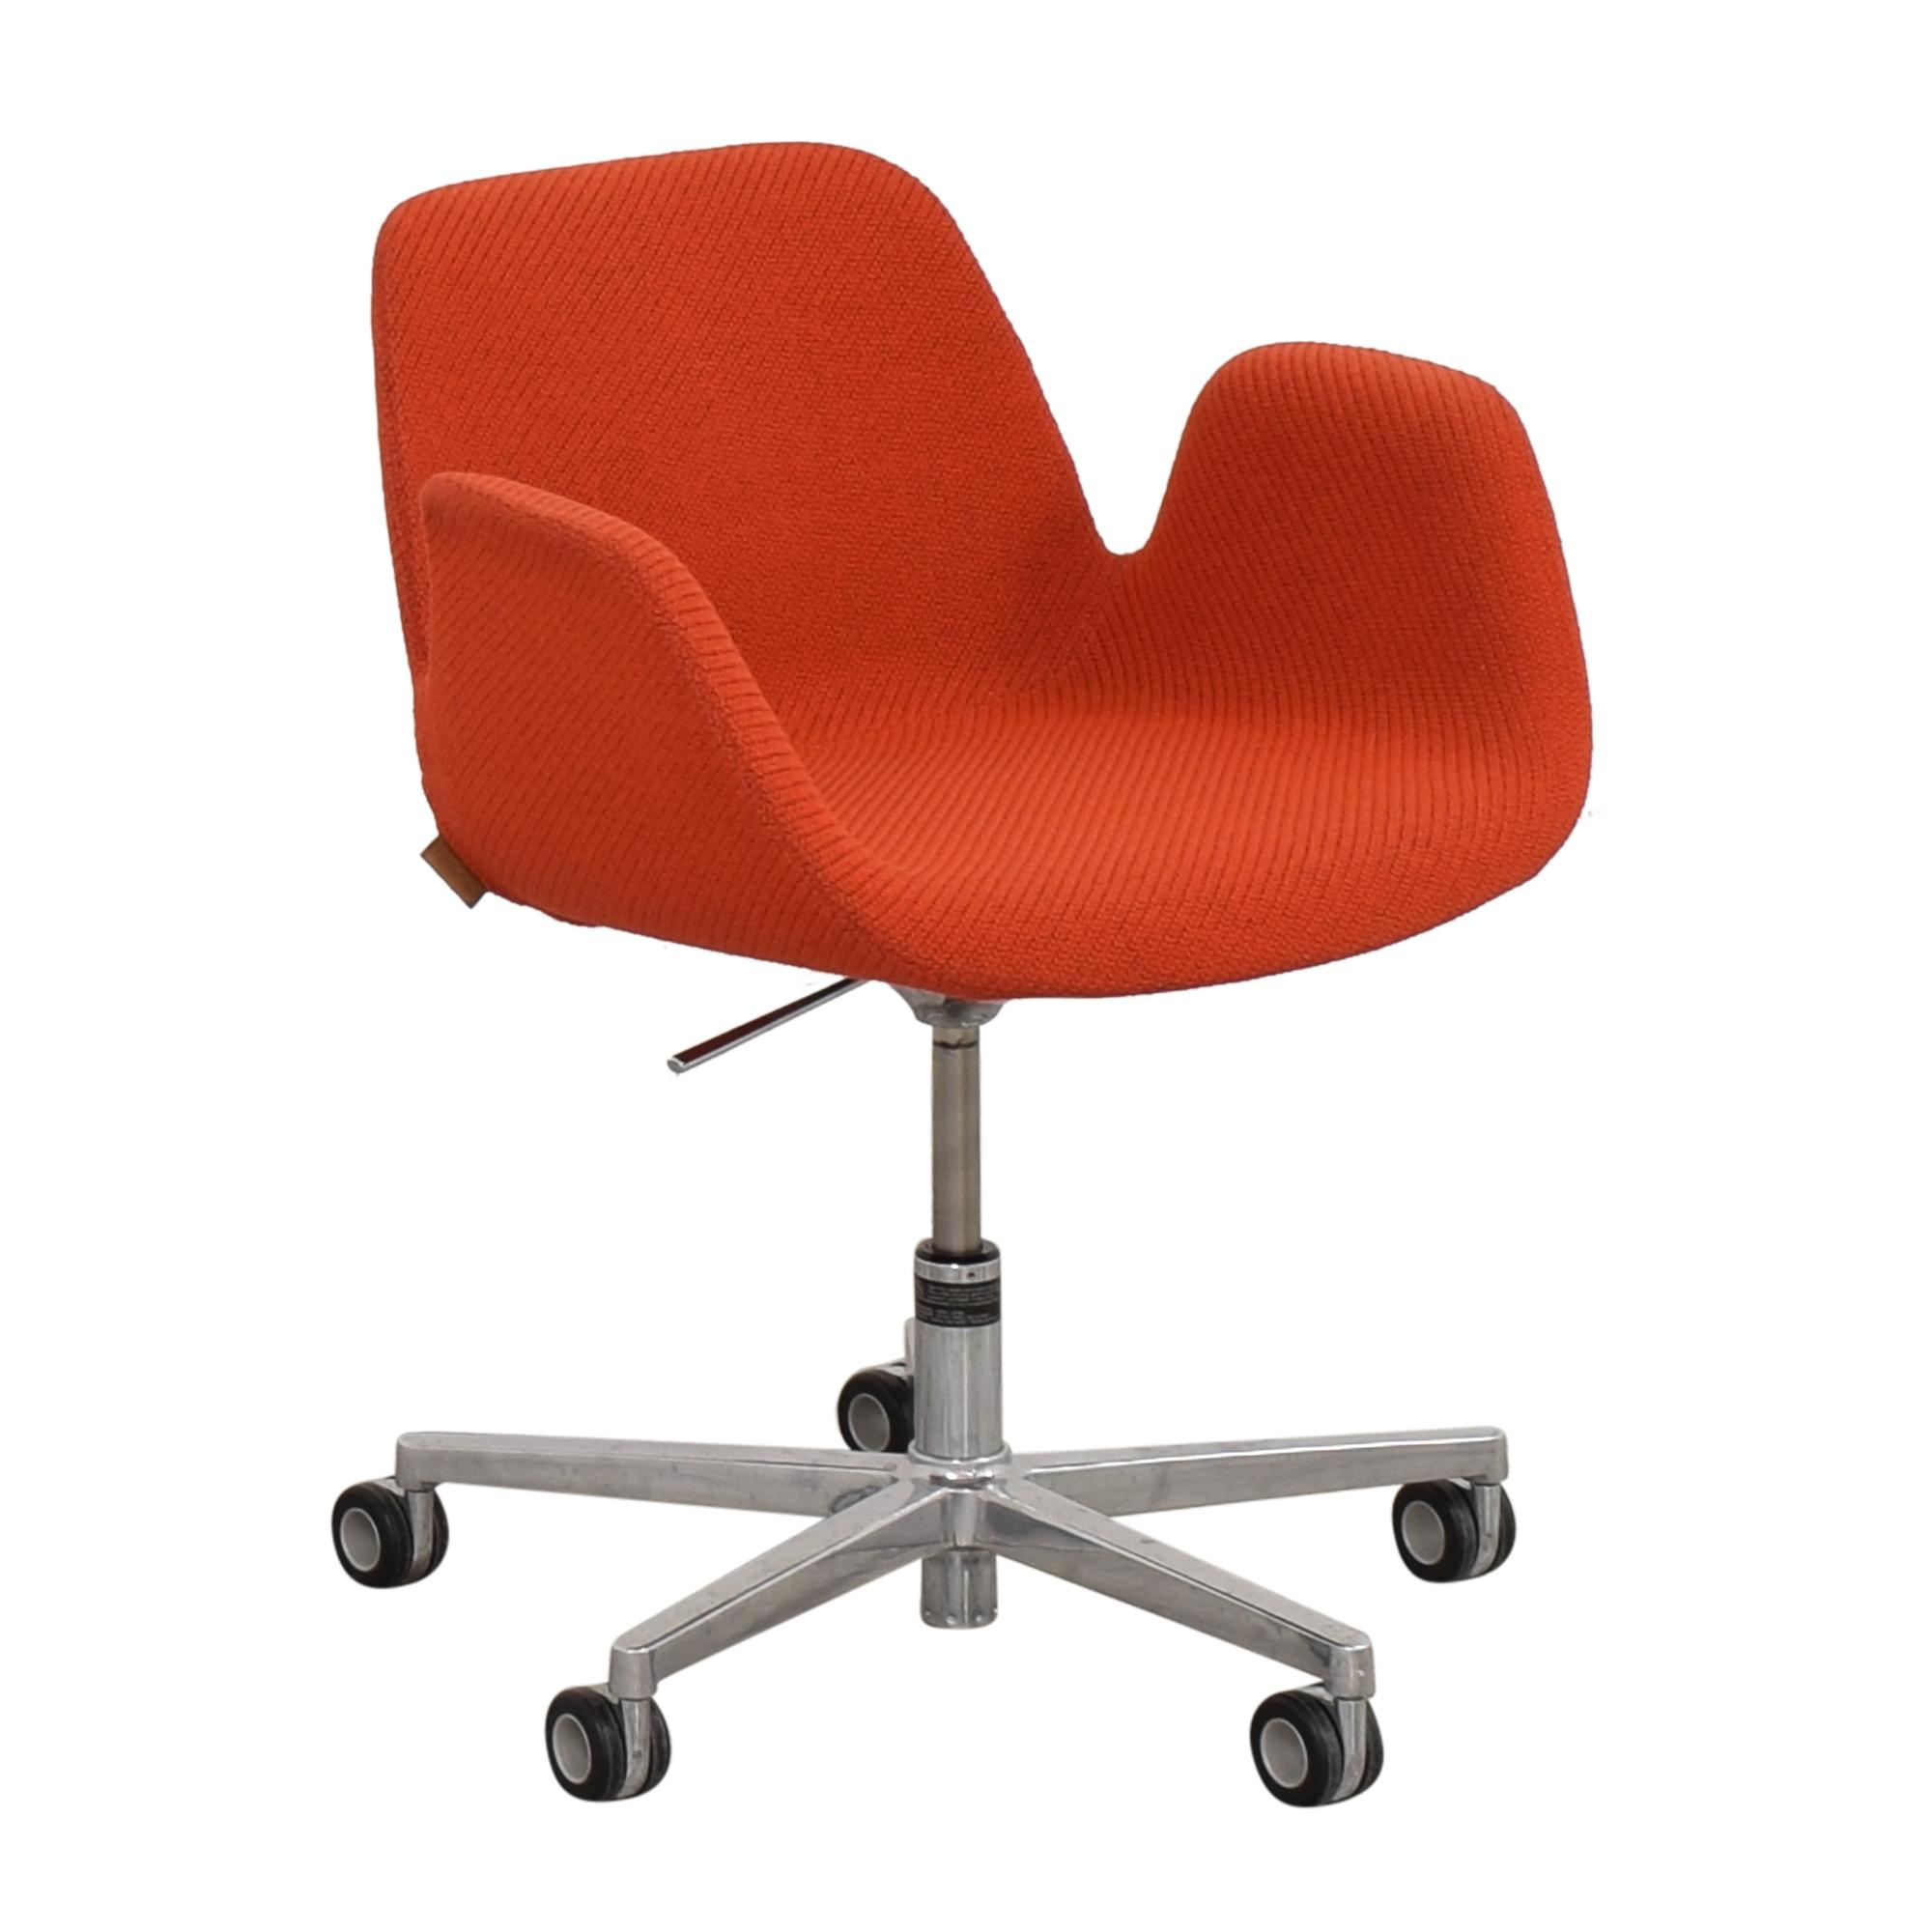 shop Koleksiyon Halia Chair Koleksiyon Home Office Chairs